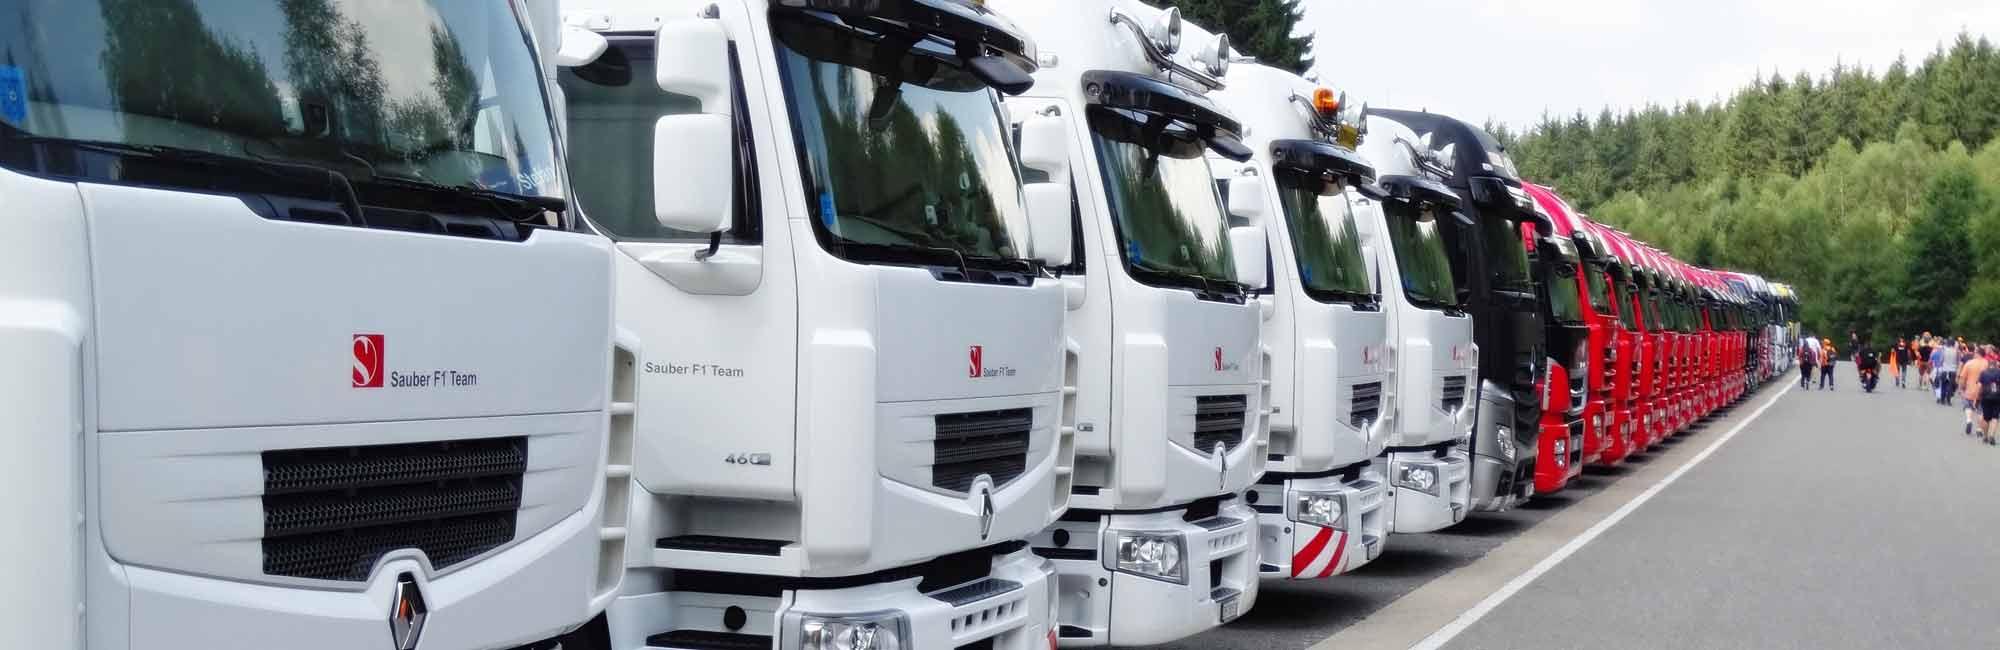 Scania, DAF en Volvo - Truckinterieur De Regt |  Vrachtwagenbekleding voor Scania, Volvo en DAF | Ter Apel